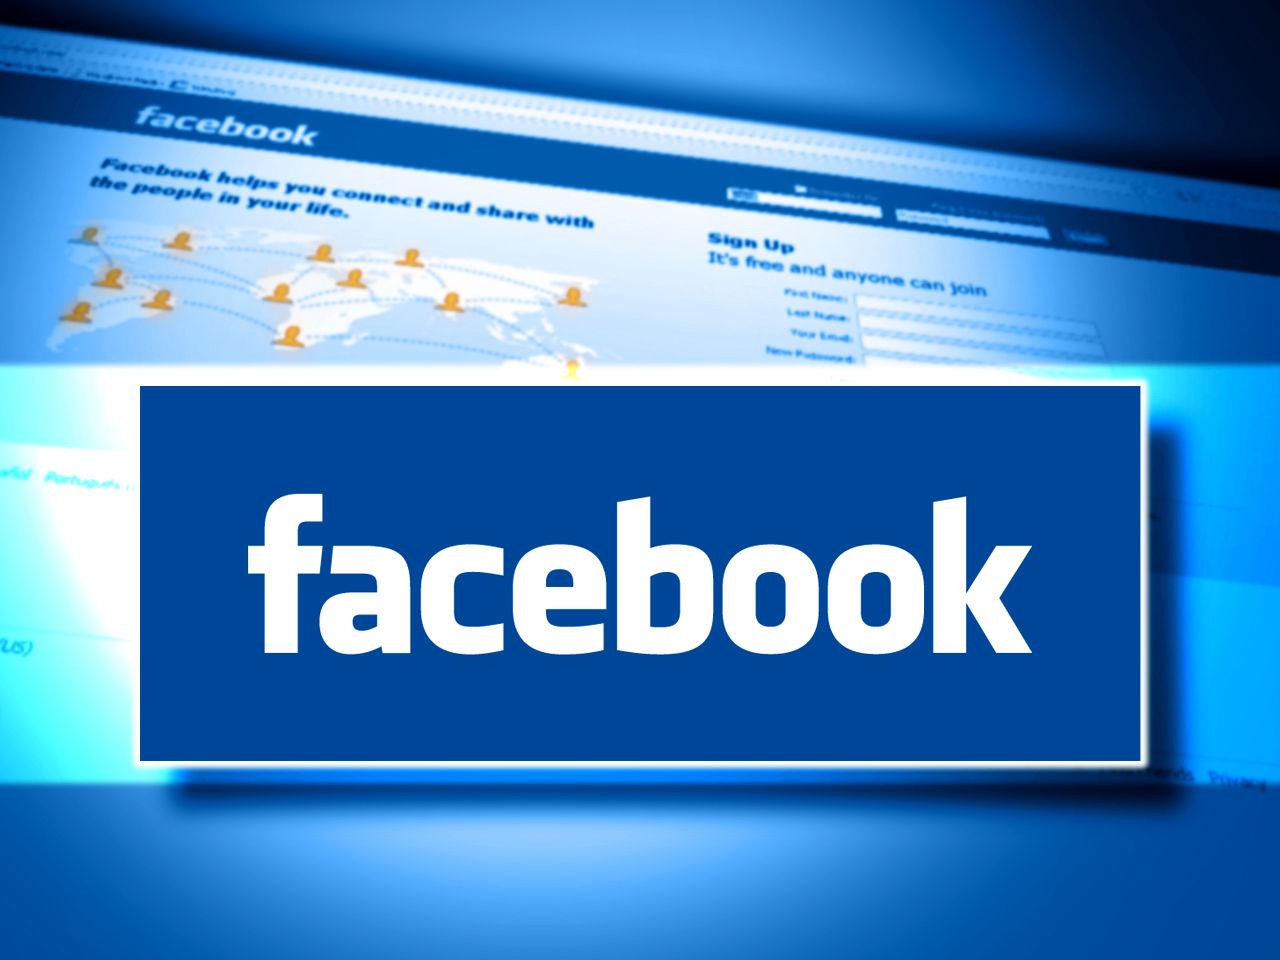 زاکربرگ از جزئیات طرح مبارزه با اخبار جعلی در فیسبوک خبر داد